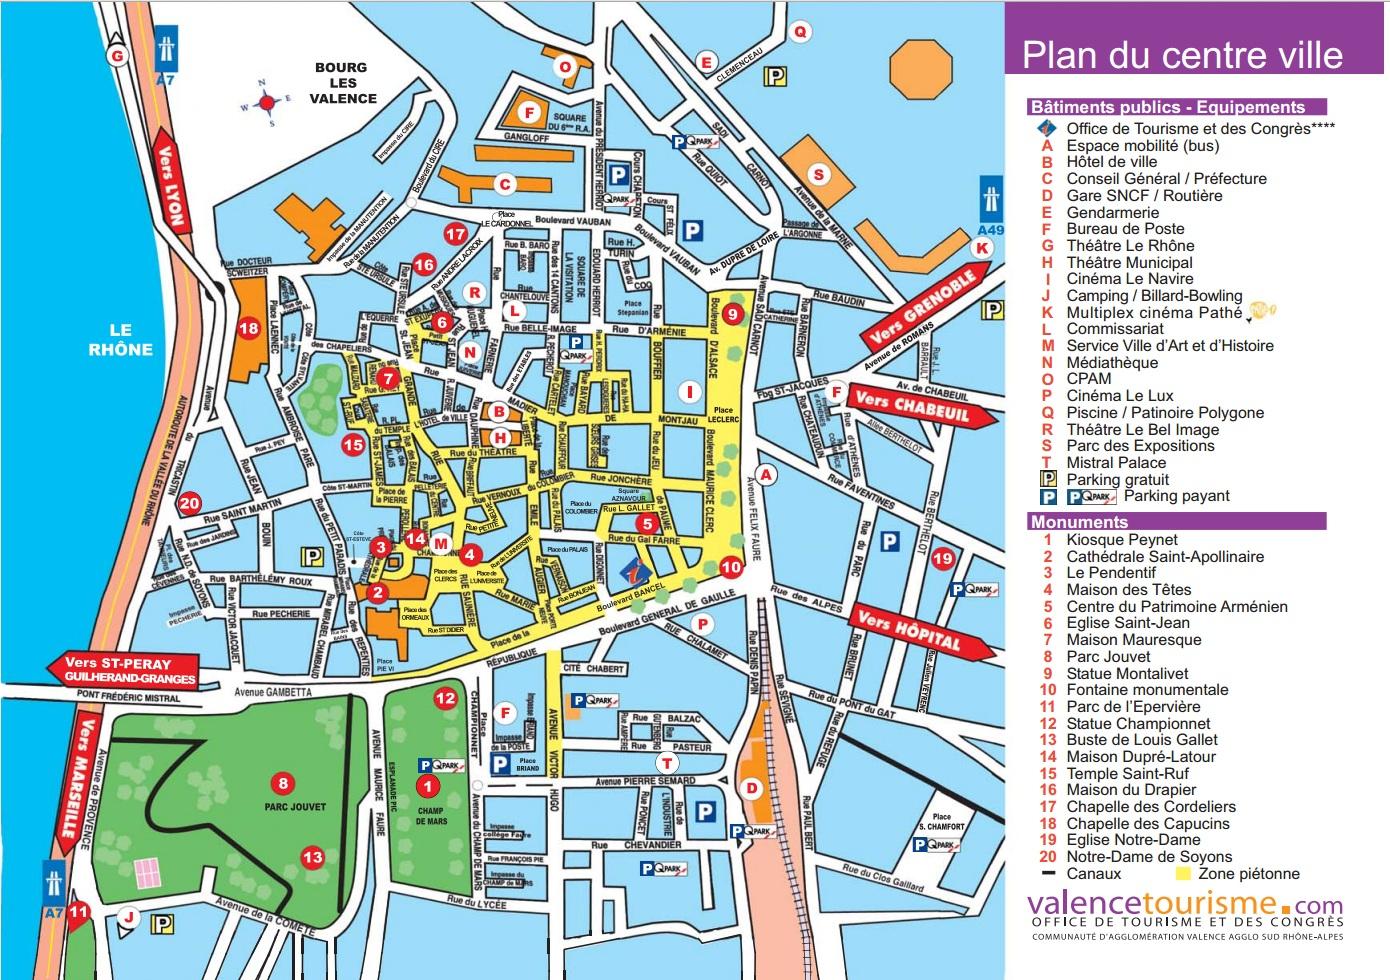 Достопримечательности Валанса, гид по Валансу, карта Валанса, Valence map, Valence sights, Valence guide, Valence travel guide, путеводитель по Валенску скачать бесплатно, путеводитель по Валенсу, гид по Валенсу